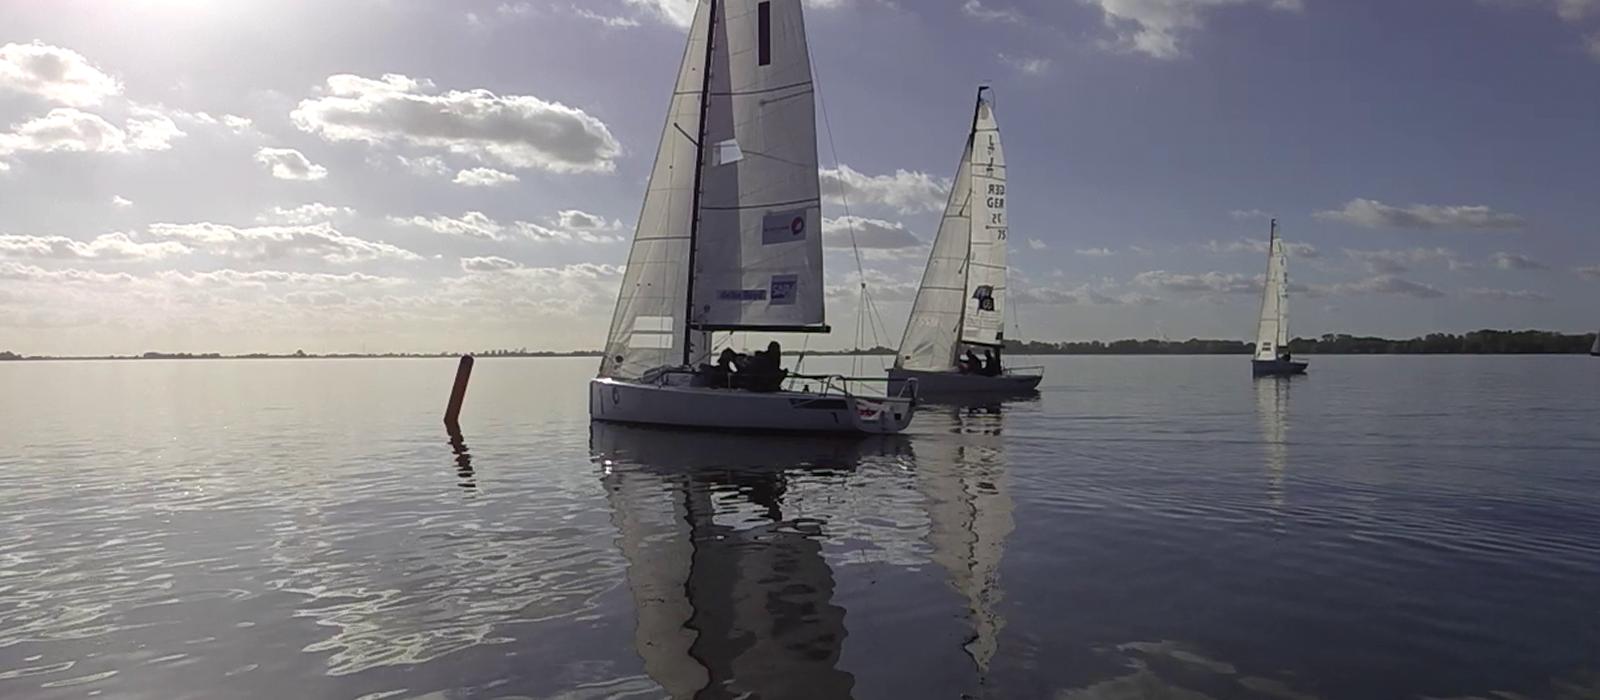 J/70 training Ben Koppelaar Keelboat Academy